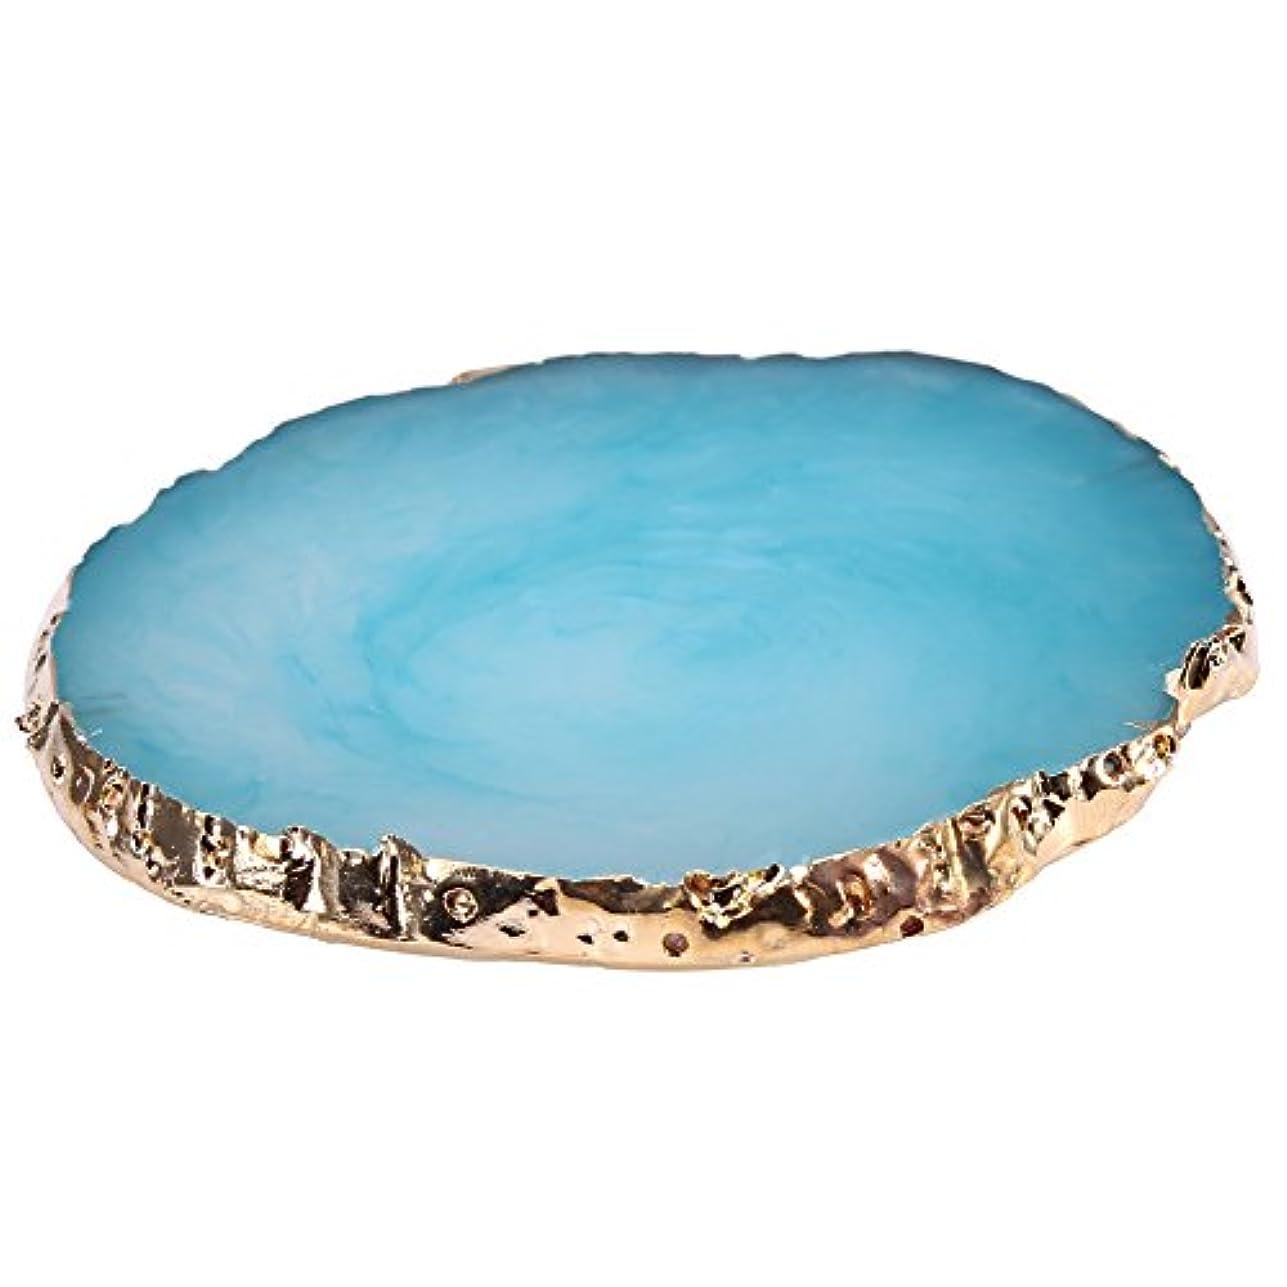 チャーミング人工的な緯度ネイルアート ネイル パレット 天然樹脂ストーンネイル アートプレート ジェルポー ランドホルダードローイングカラー ネイルアートディ(青)